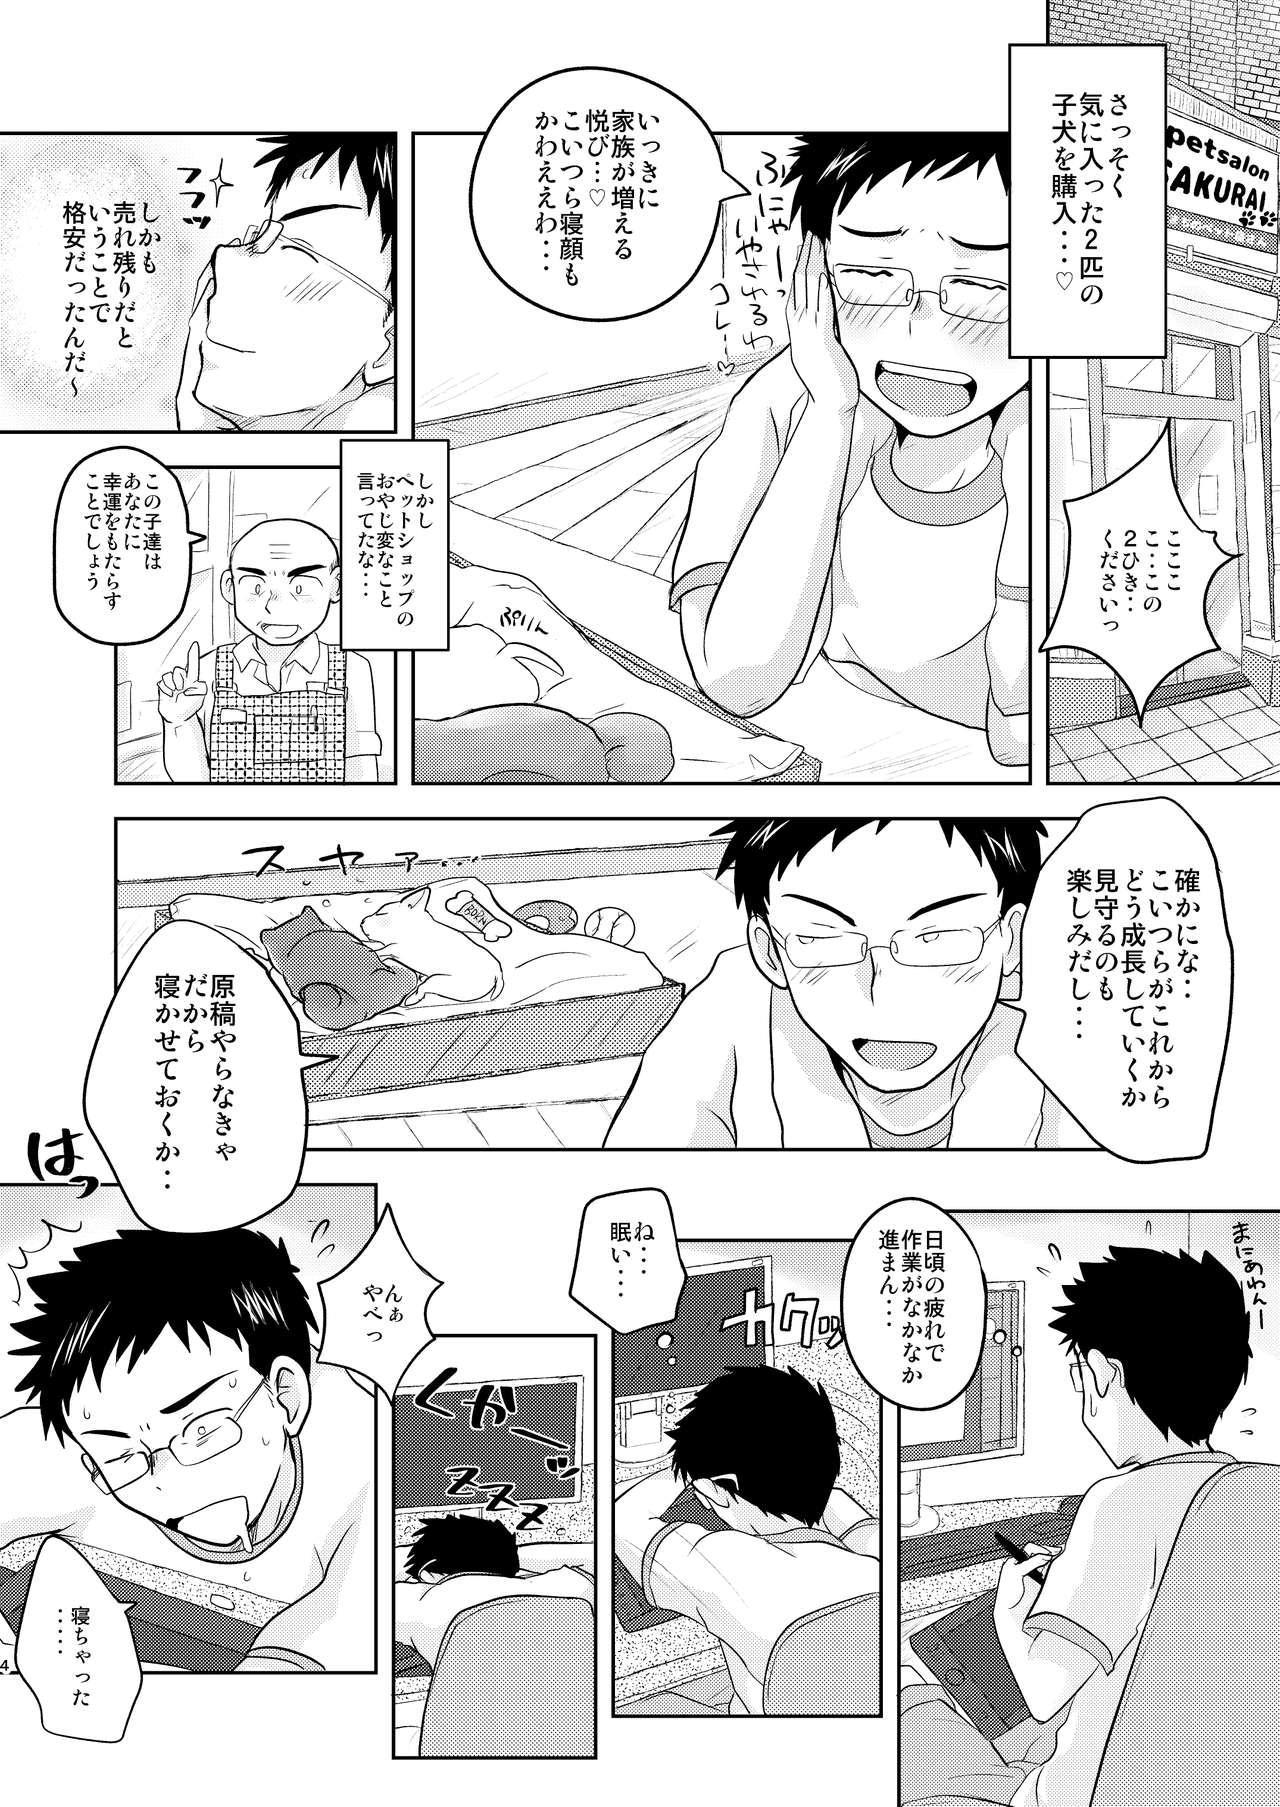 Wanko 2hiki ga iru Seikatsu! 3